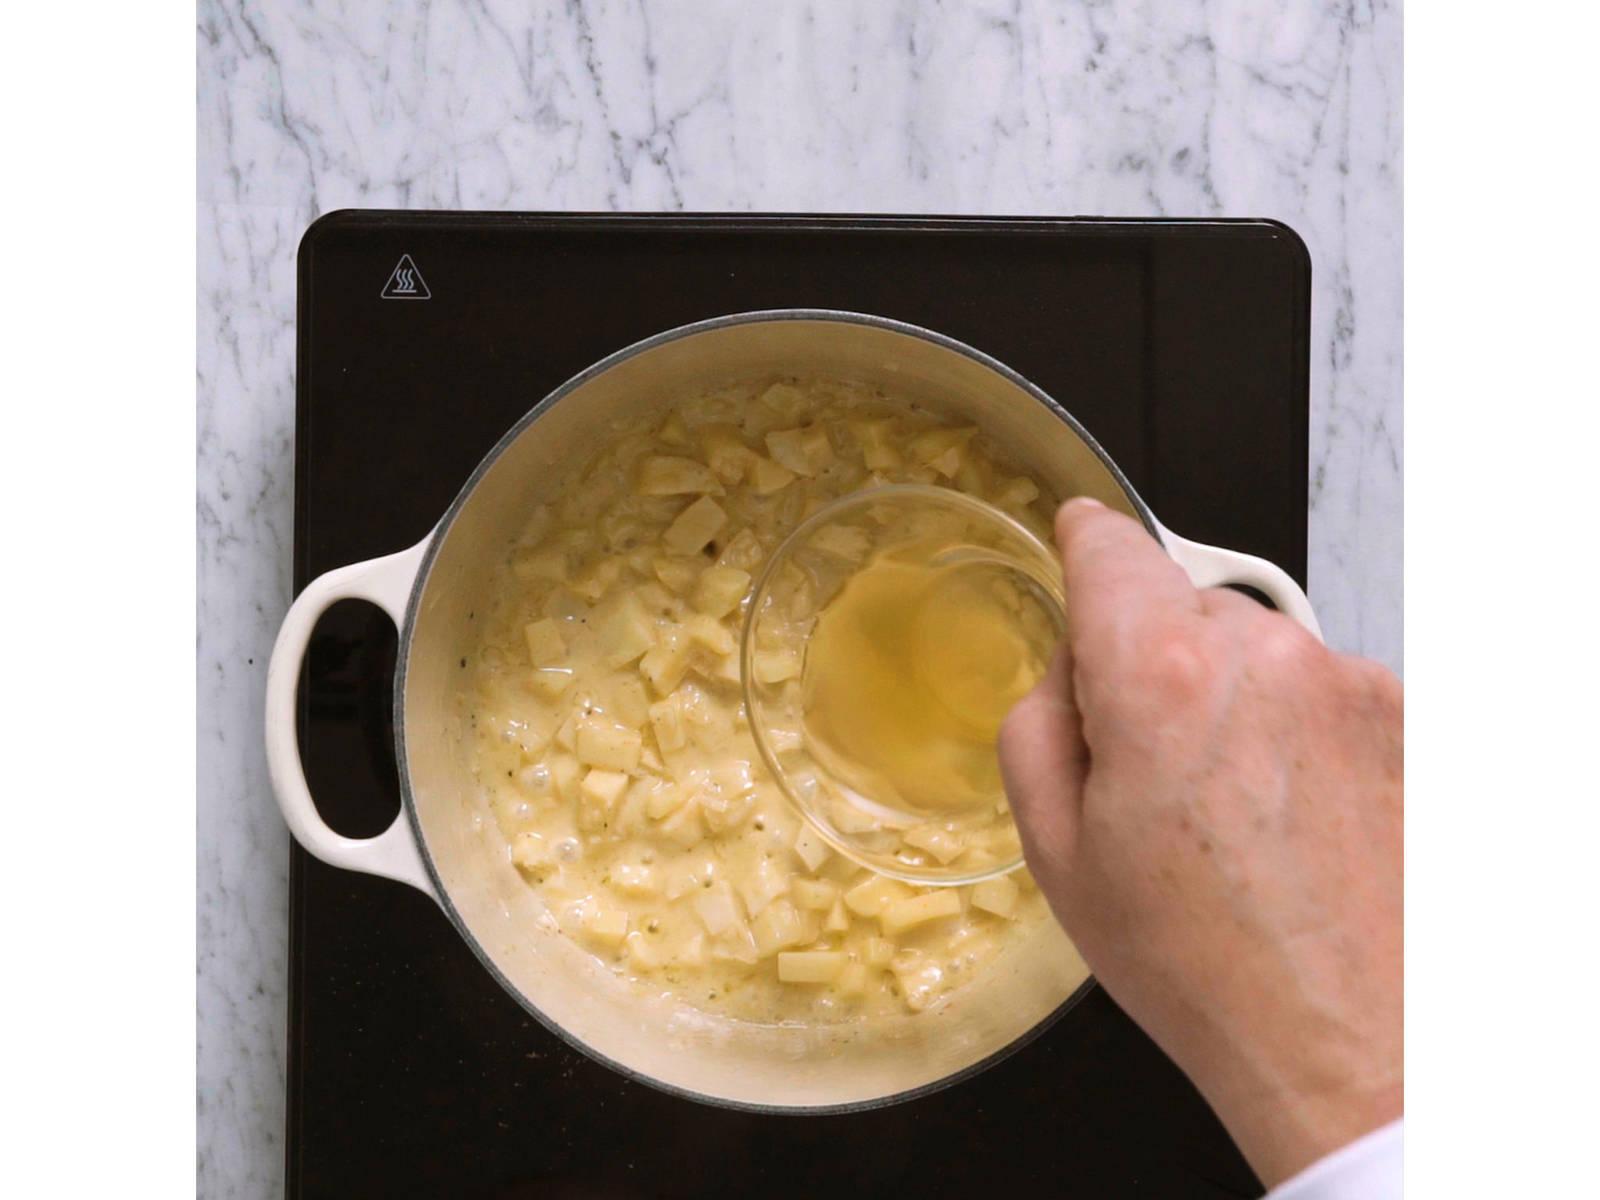 Backofen auf 150°C vorheizen. Für das Pastinaken-Püree, Pastinaken schälen und in mittelgroße Würfel schneiden. Schalotten fein würfeln. Pastinaken und Schalotten in etwas Butter glasig anschwitzen, dann mit Weißwein ablöschen. Mit Salz, Pfeffer, Muskat und Zitronensaft abschmecken. Mit Sahne und Gemüsebrühe aufgießen, ca. 15 Min. köcheln lassen und gelegentlich umrühren. Mit dem Kartoffelstampfer fein stampfen. Beiseitestellen und warm halten.